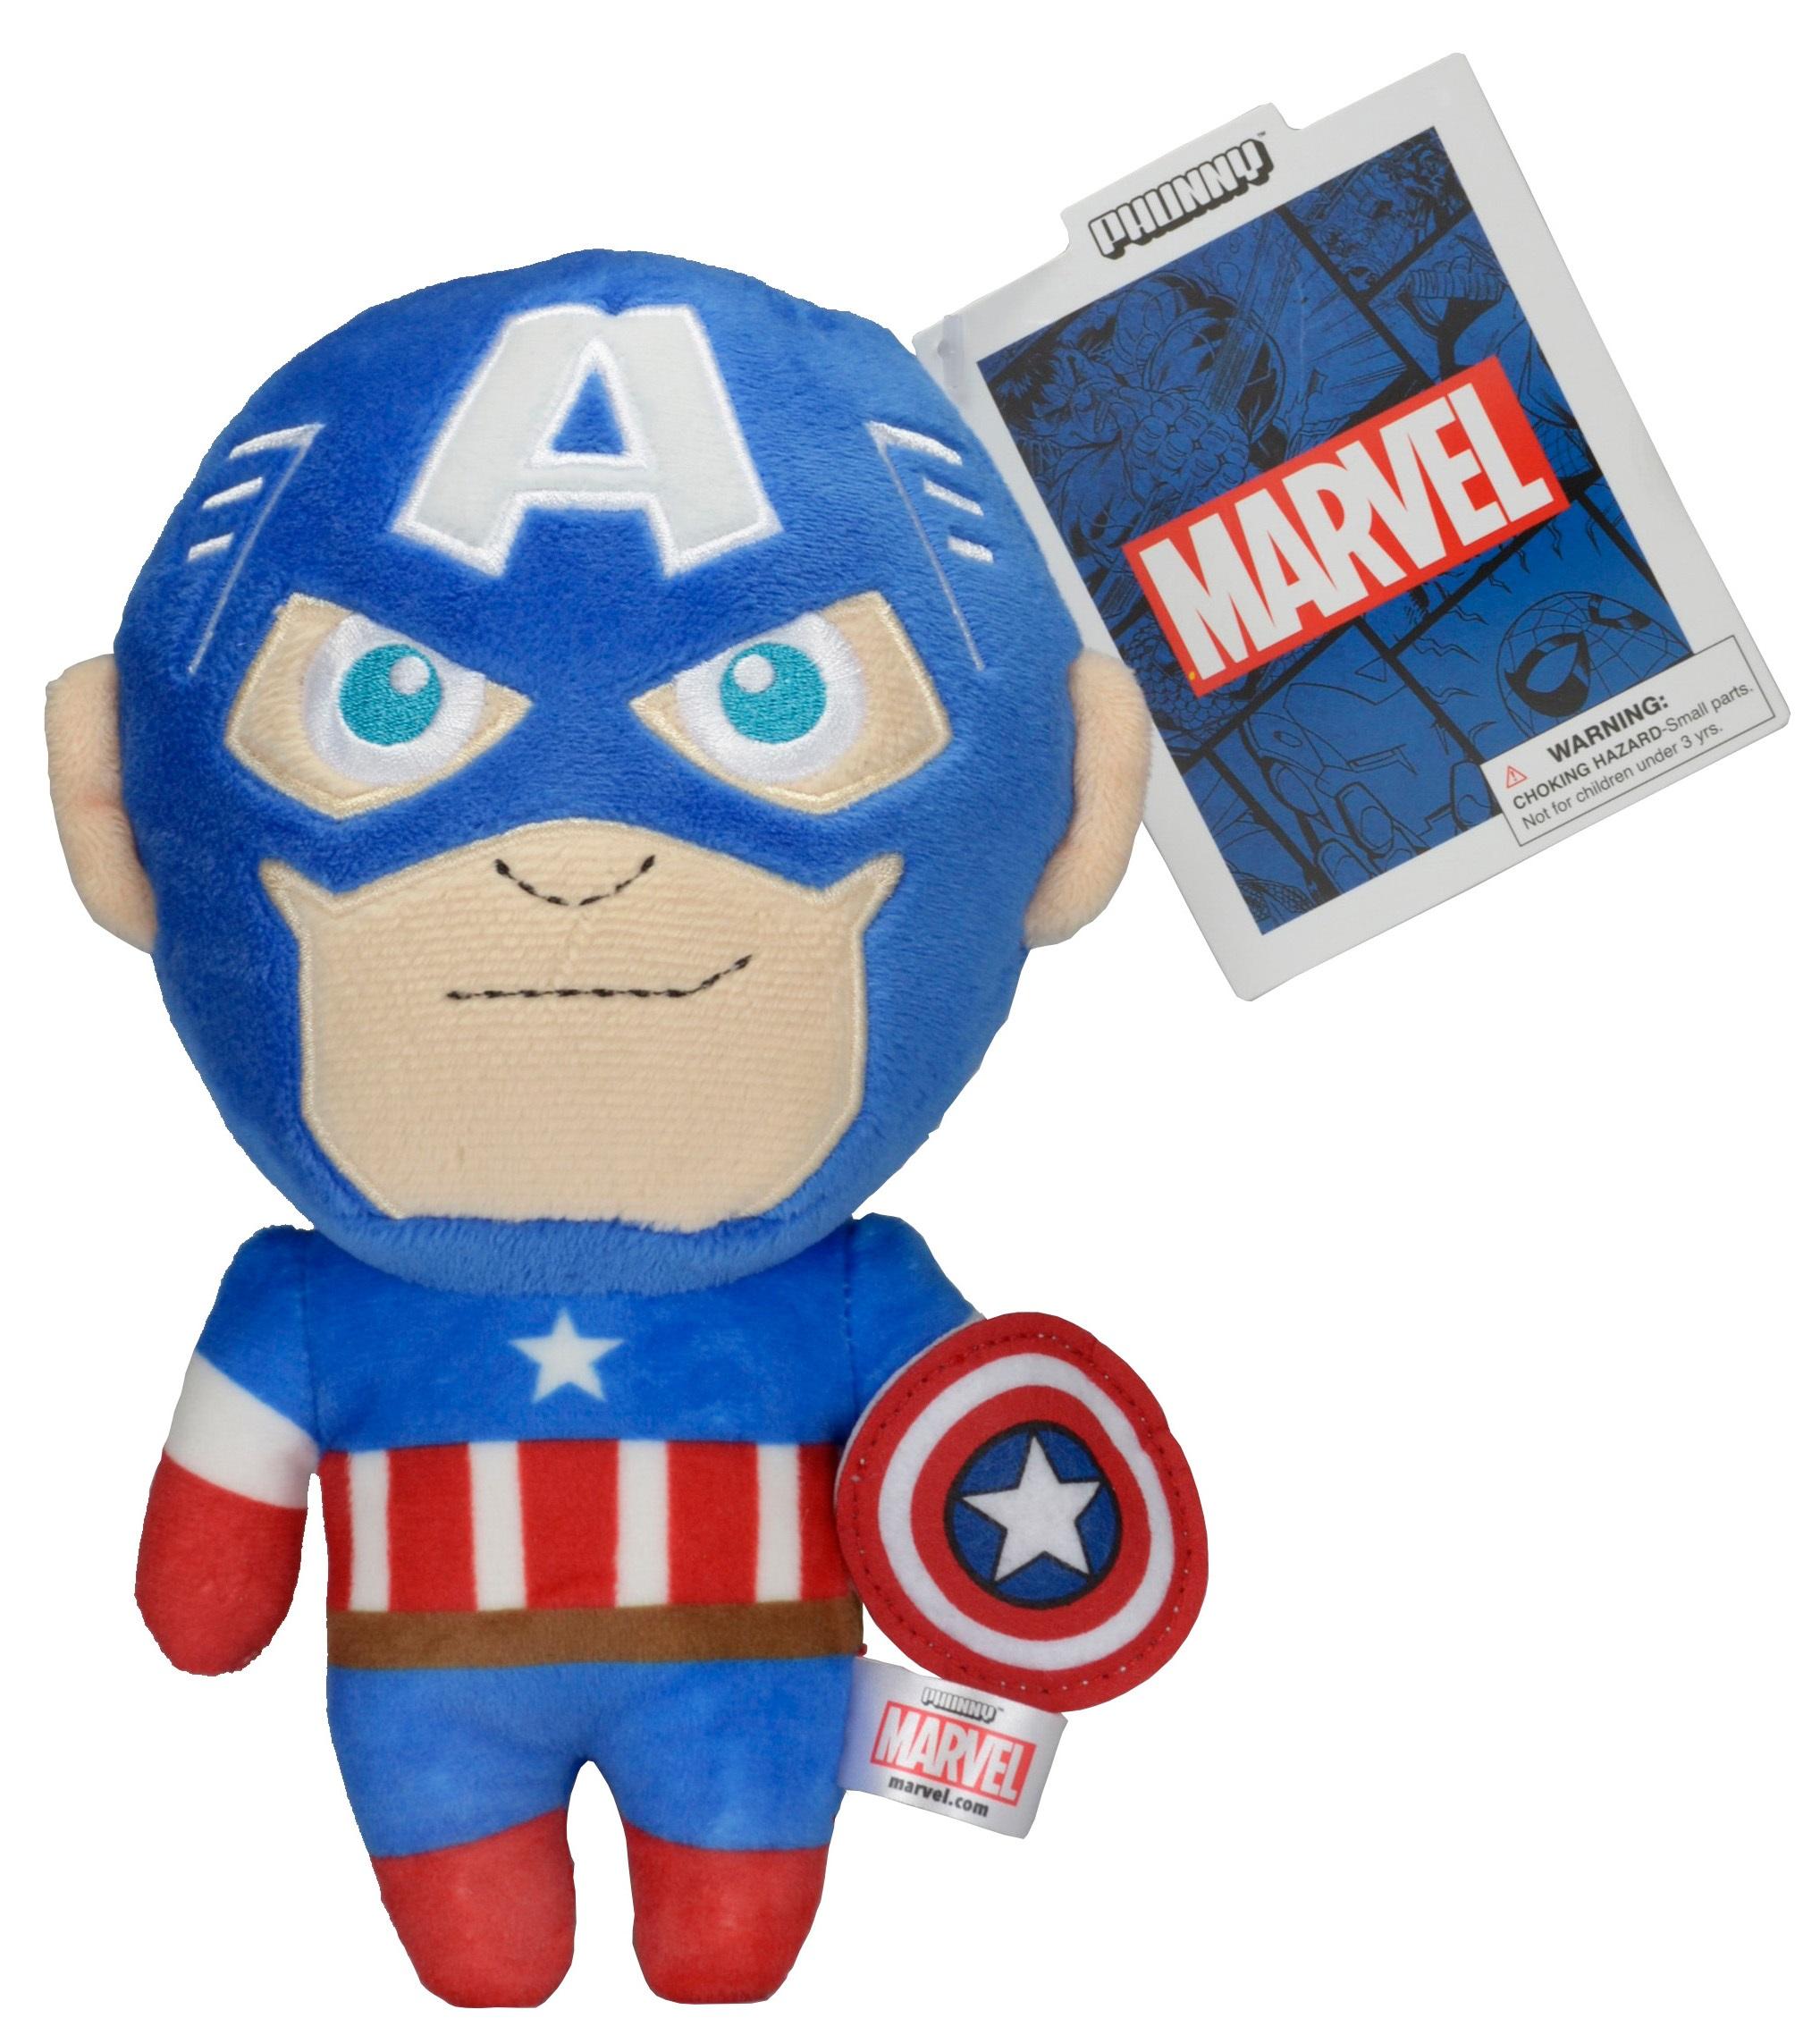 Мягкая игрушка Marvel Phunnys. Captain America (20 см)Представляем вашему вниманию мягкую игрушку Marvel Phunnys. Captain America, воплощающую собой одного из самых популярных персонажей Marvel – Капитана Америка.<br>